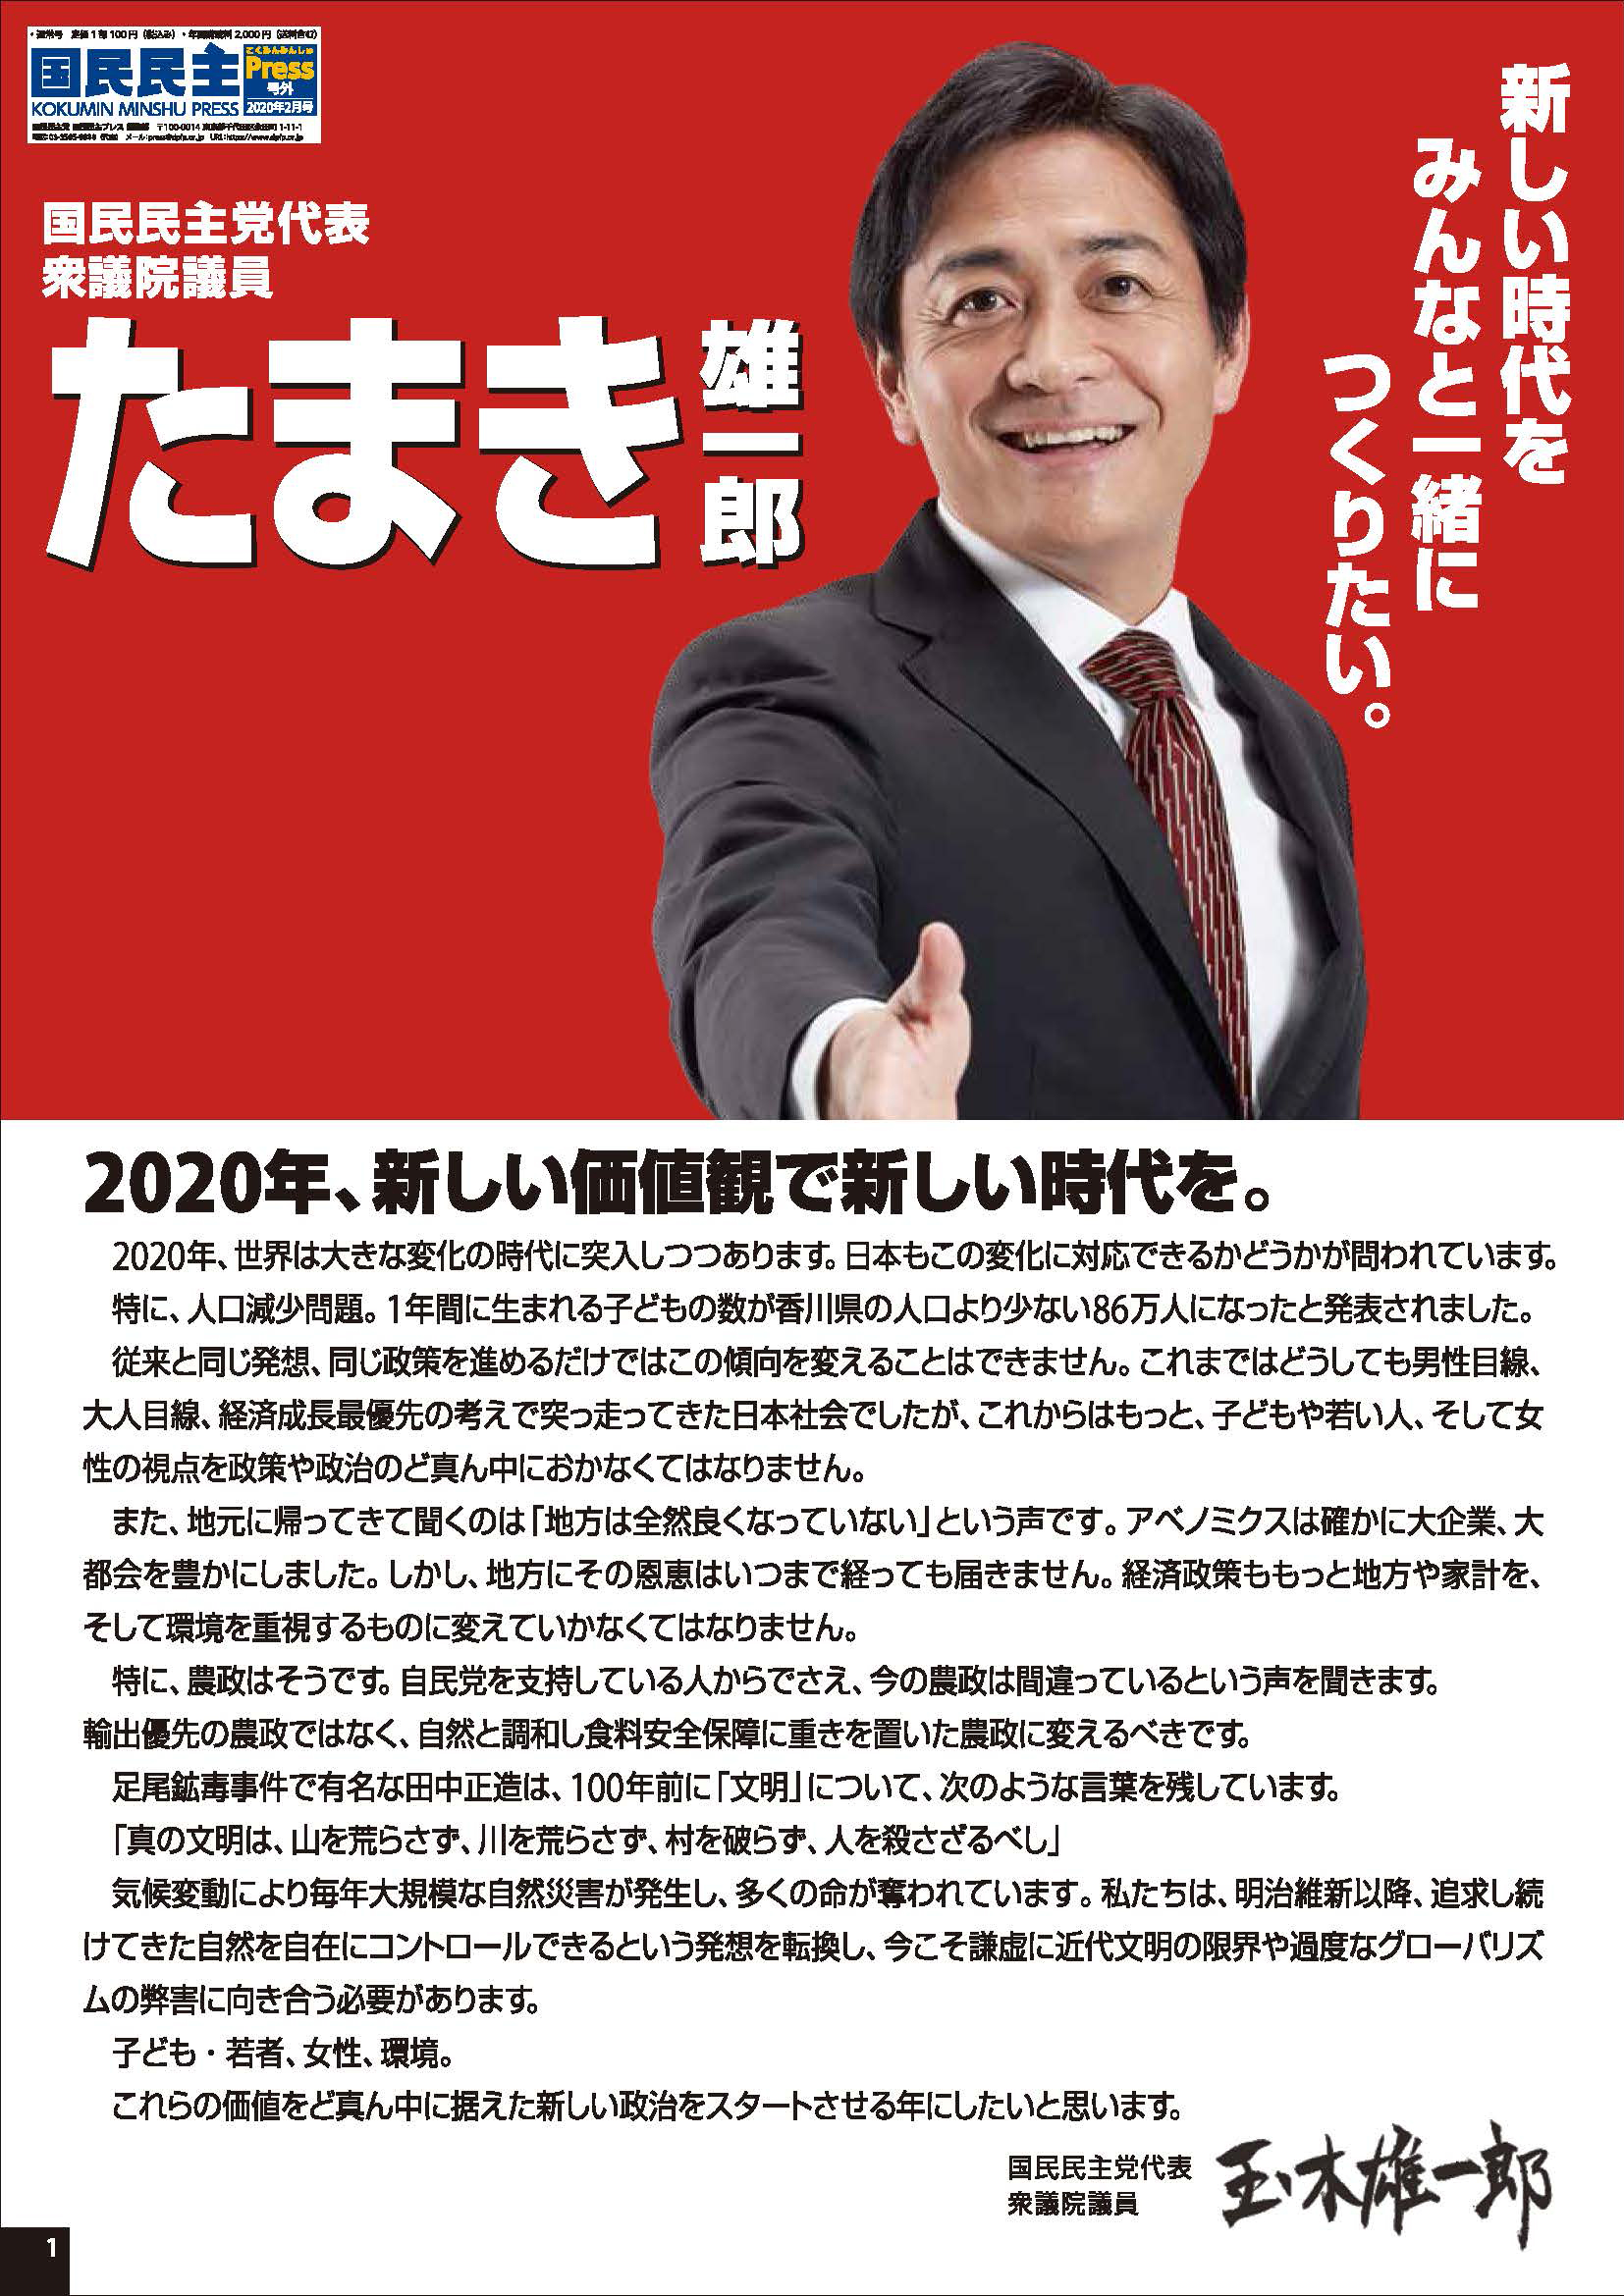 2020/01/31発行 国民民主プレス